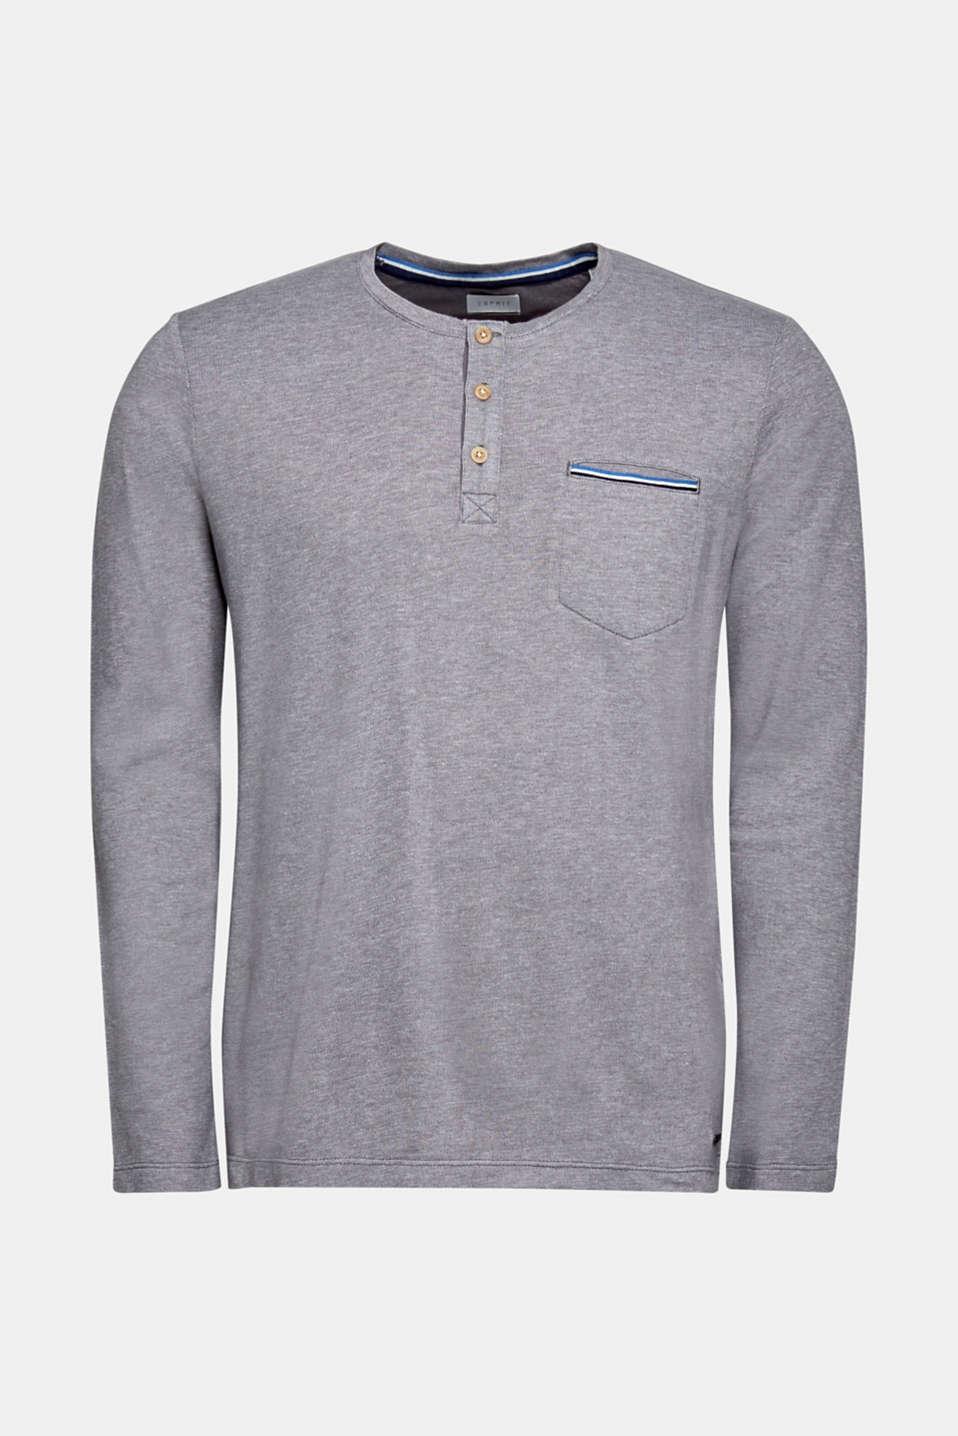 T-Shirts, MEDIUM GREY, detail image number 8